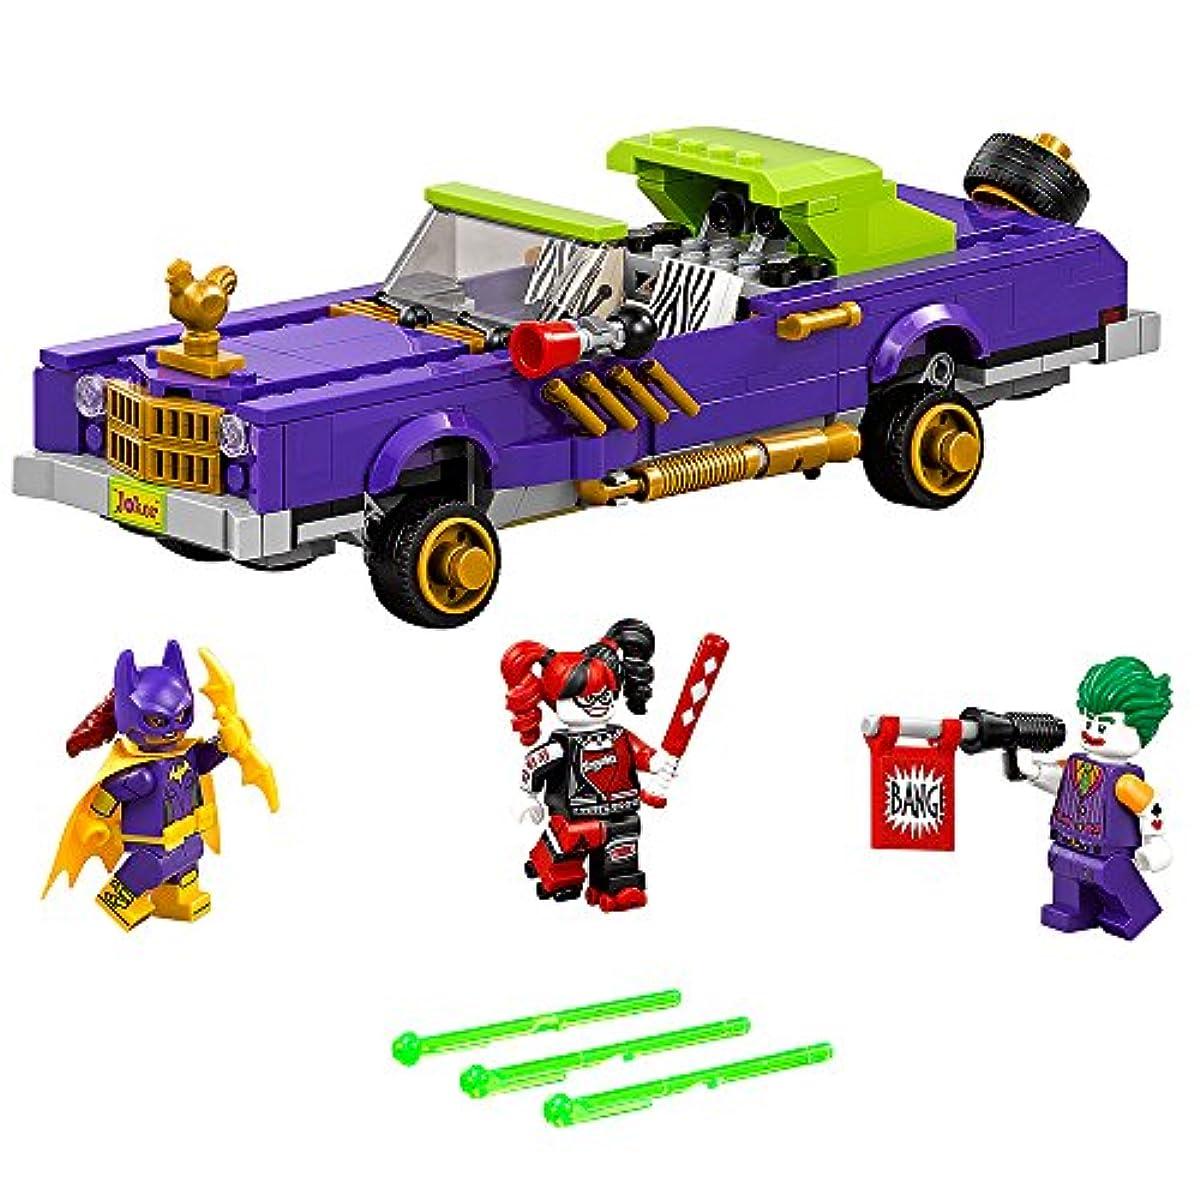 [해외] LEGO BATMAN MOVIE THE JOKER NOTORIOUS LOWRIDER 70906 BUILDING KIT (433 PIECE)